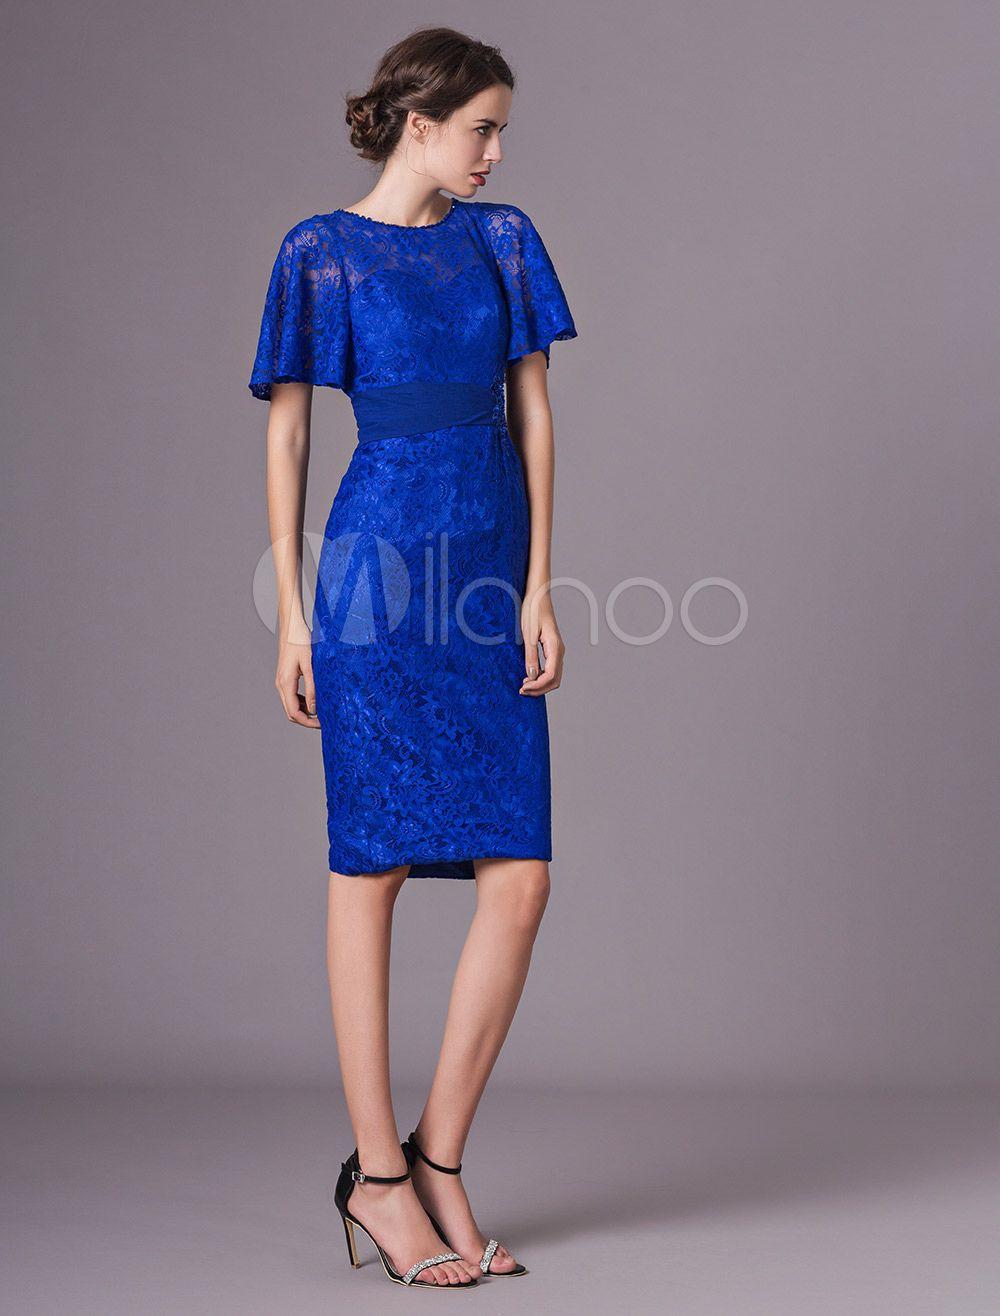 de5219a4e20 Mother Of The Bride Dresses Lace Short Royal Blue Cocktail Dress Sheath  Keyhole Knee Length Wedding Guest Dress  Short